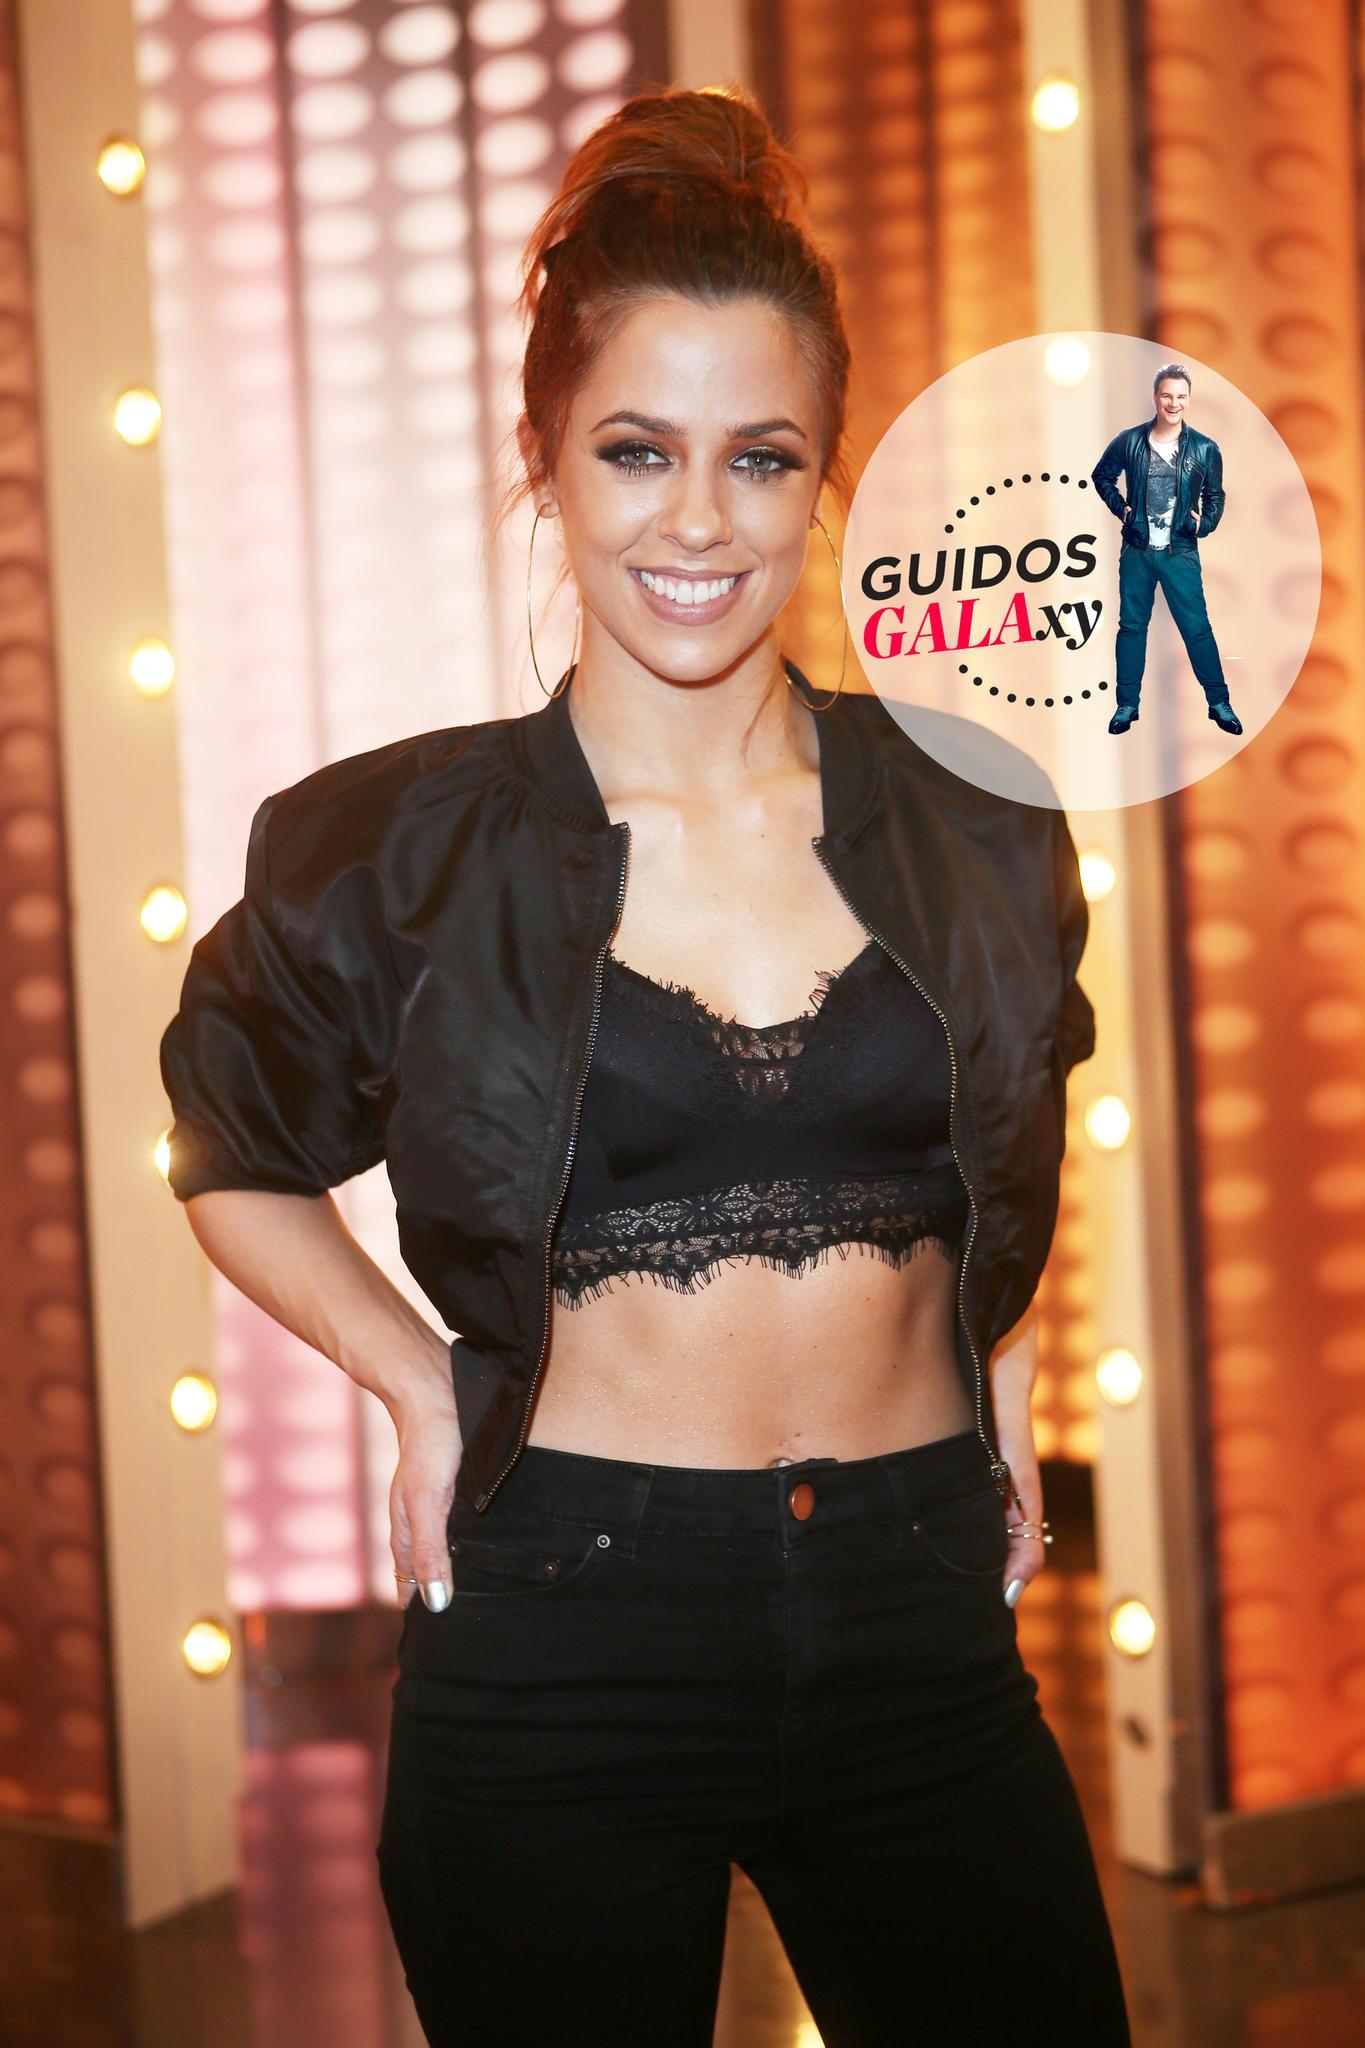 Guidos Galaxy Der Style Von Vanessa Mai Galade